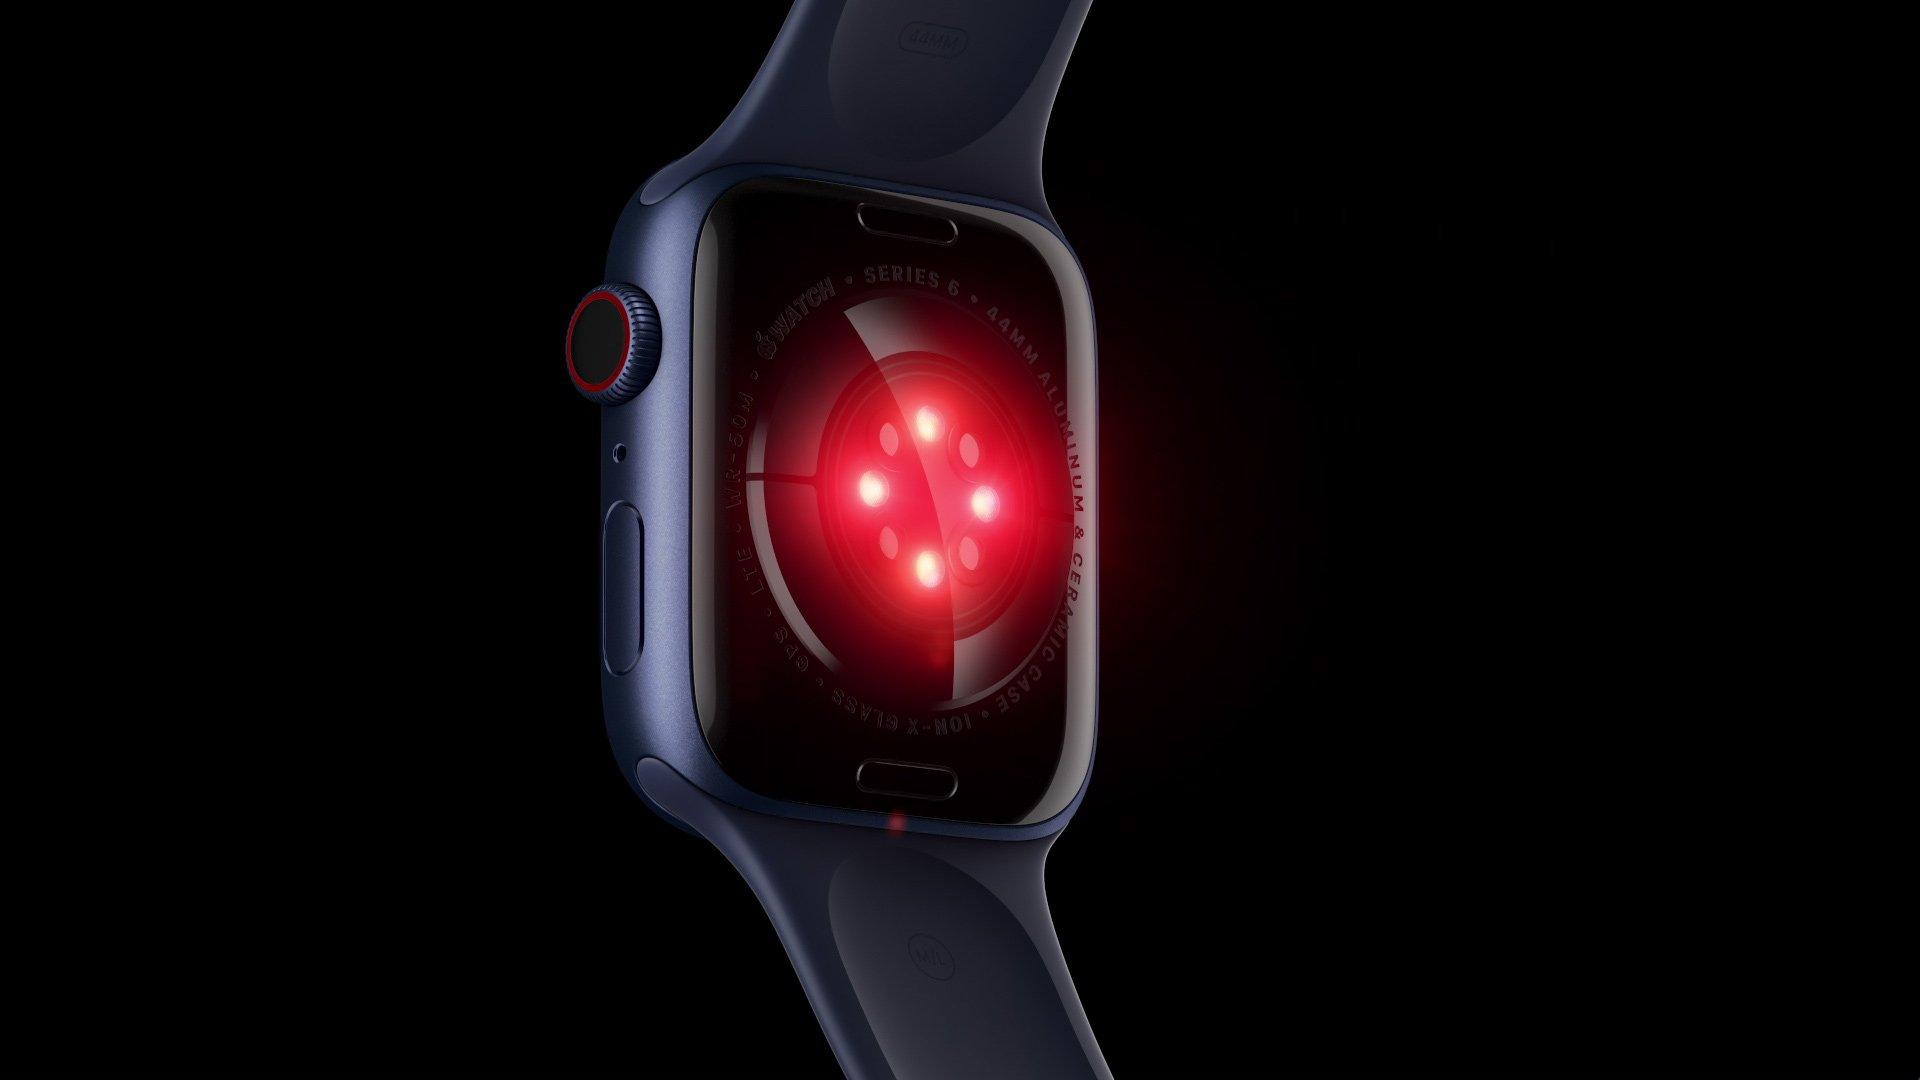 همه چیز درباره اپل واچ 7: نسل آینده ساعت هوشمند اپل چه امکاناتی خواهد داشت؟ 5